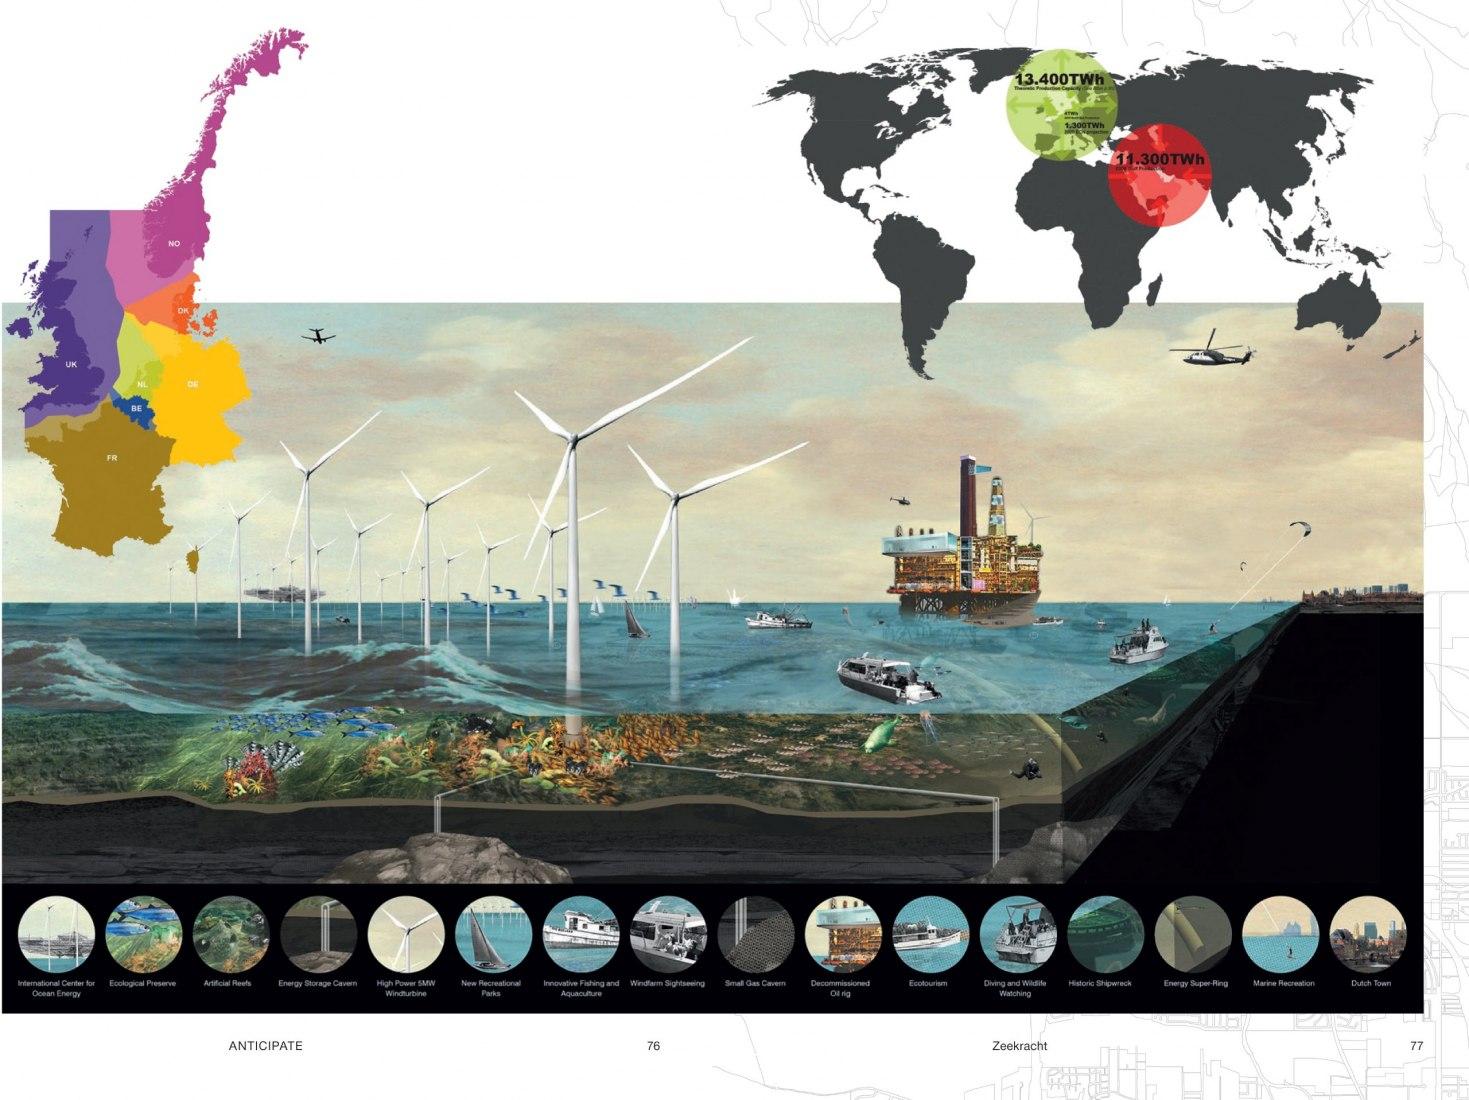 WWF y AMO, presentan un mundo 100% con energía renovable en el 2050.